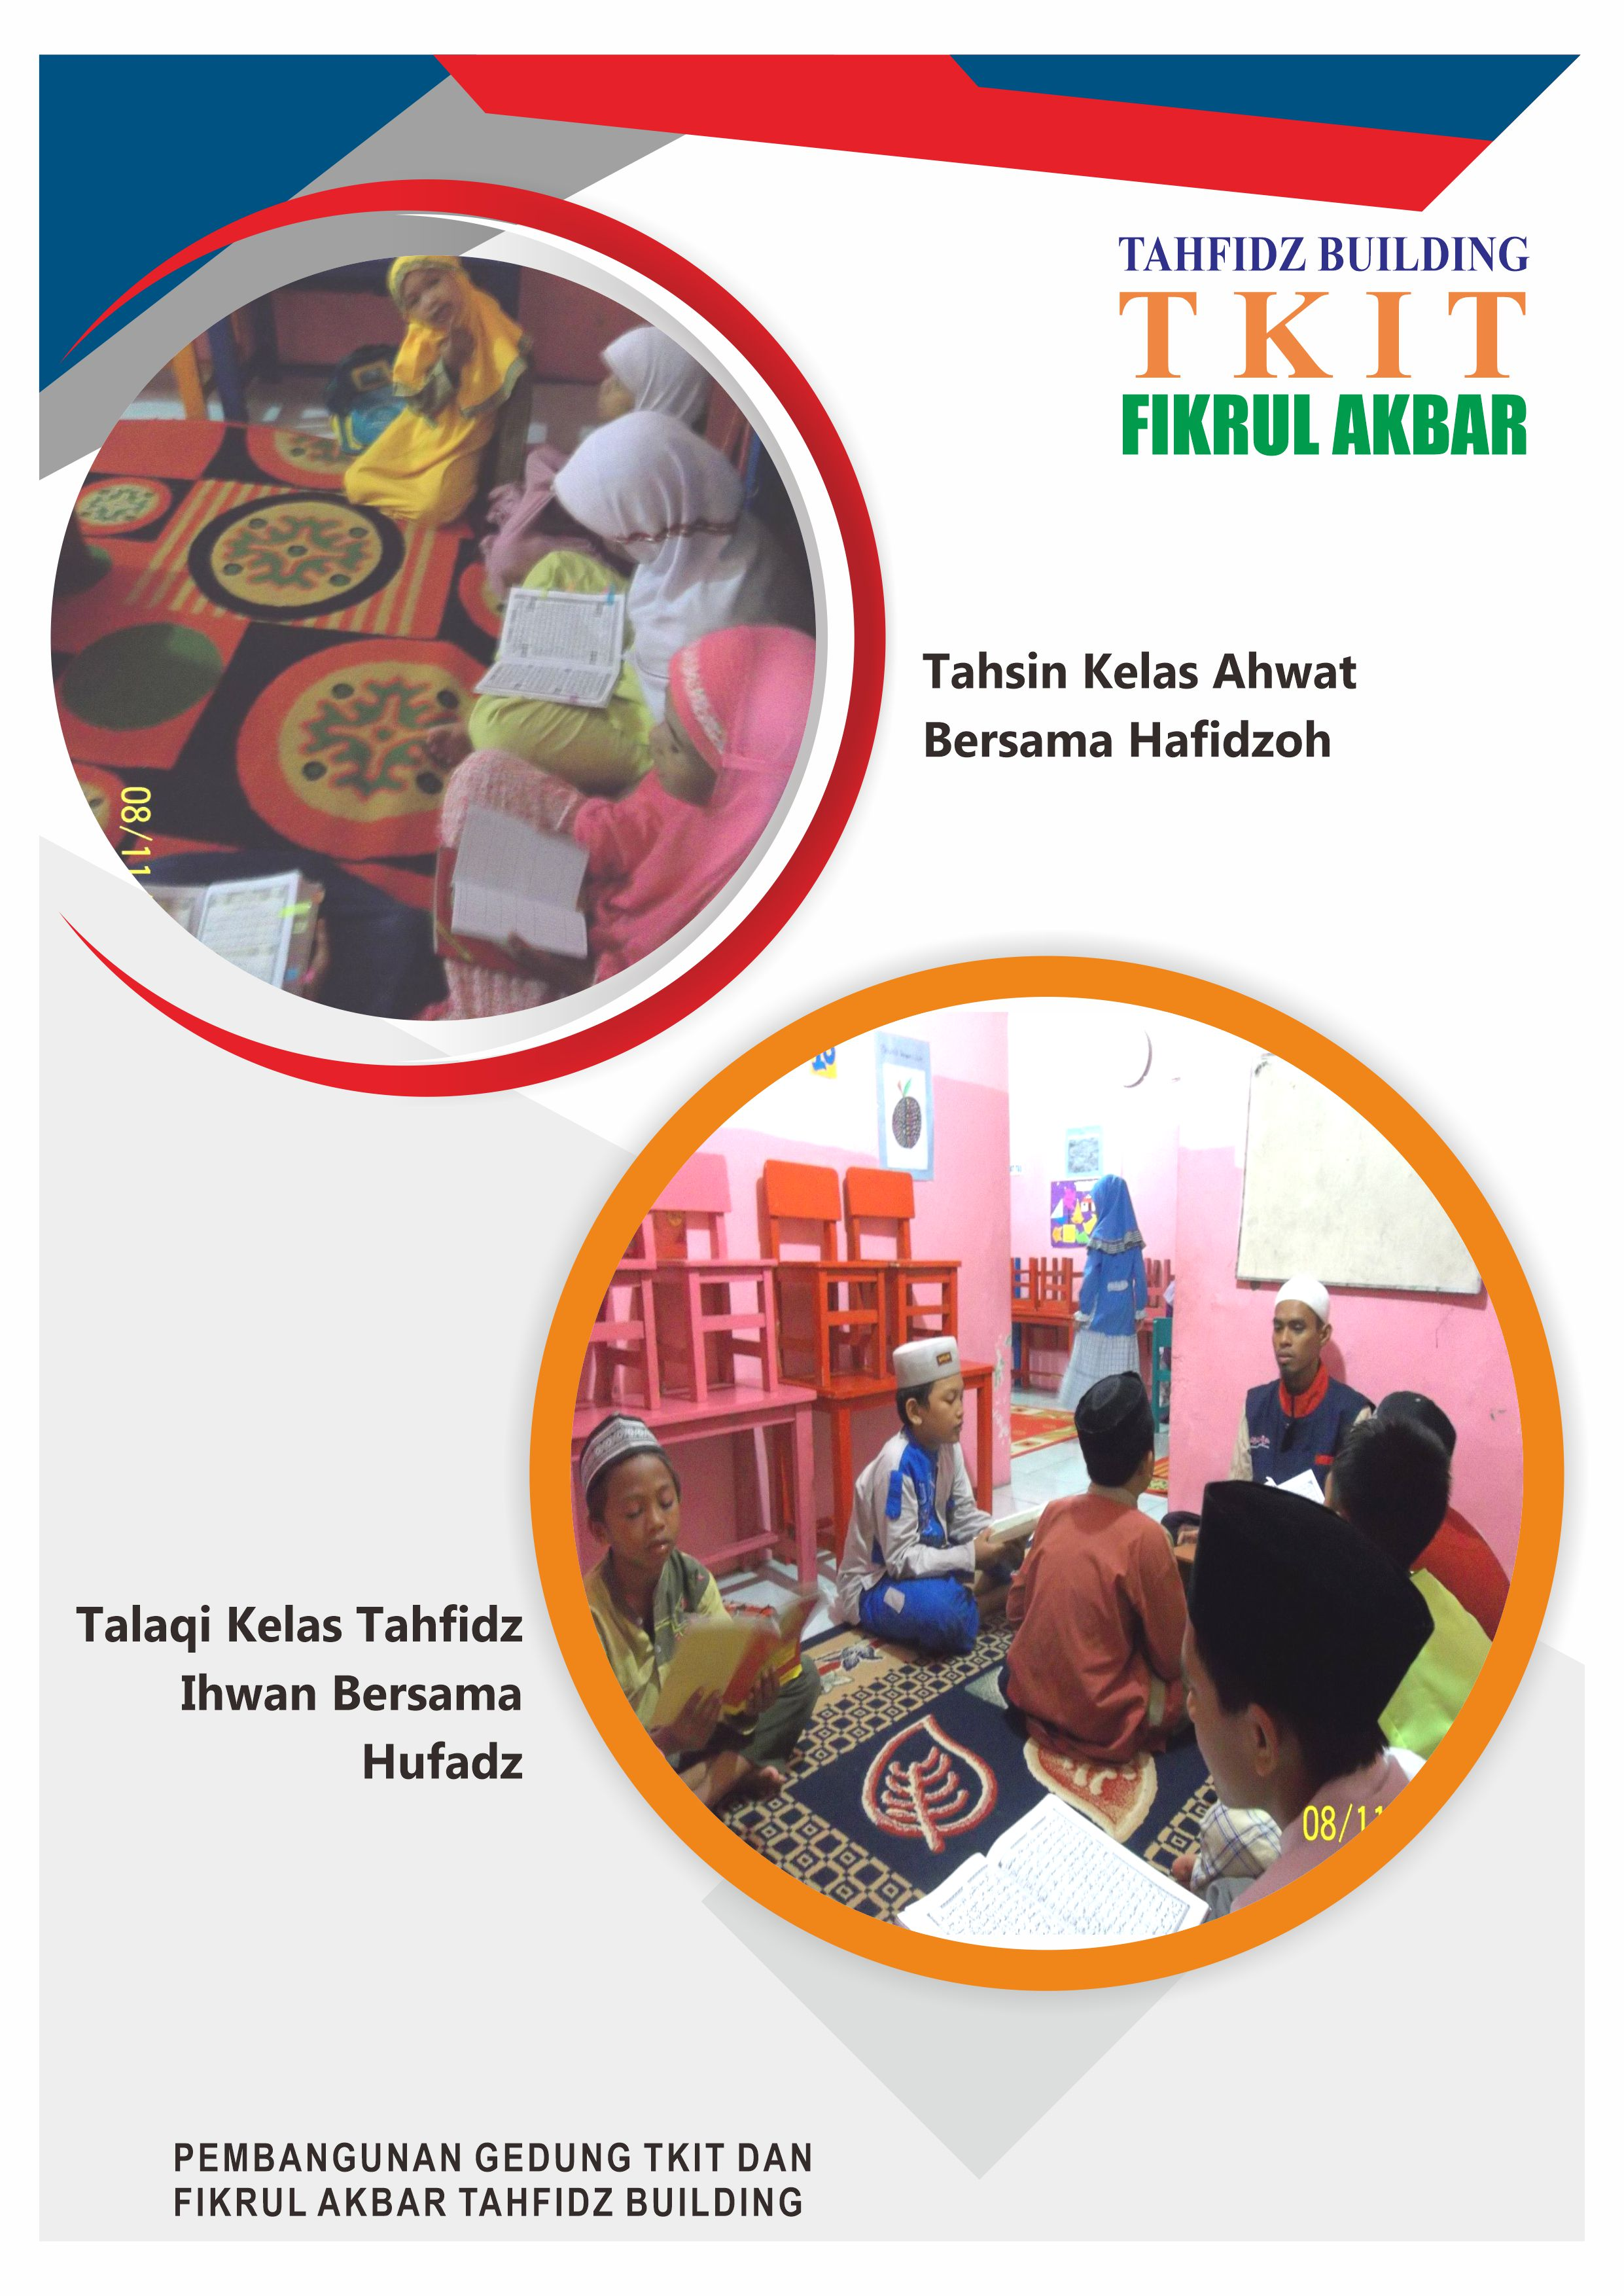 Pelatihan Kelas Tahsin Ahwat bersama Hafidzoh dan Kelas Tahfidz Ihwan Dibimbing Para Hufadz Building TKIT Fikrul Akbar